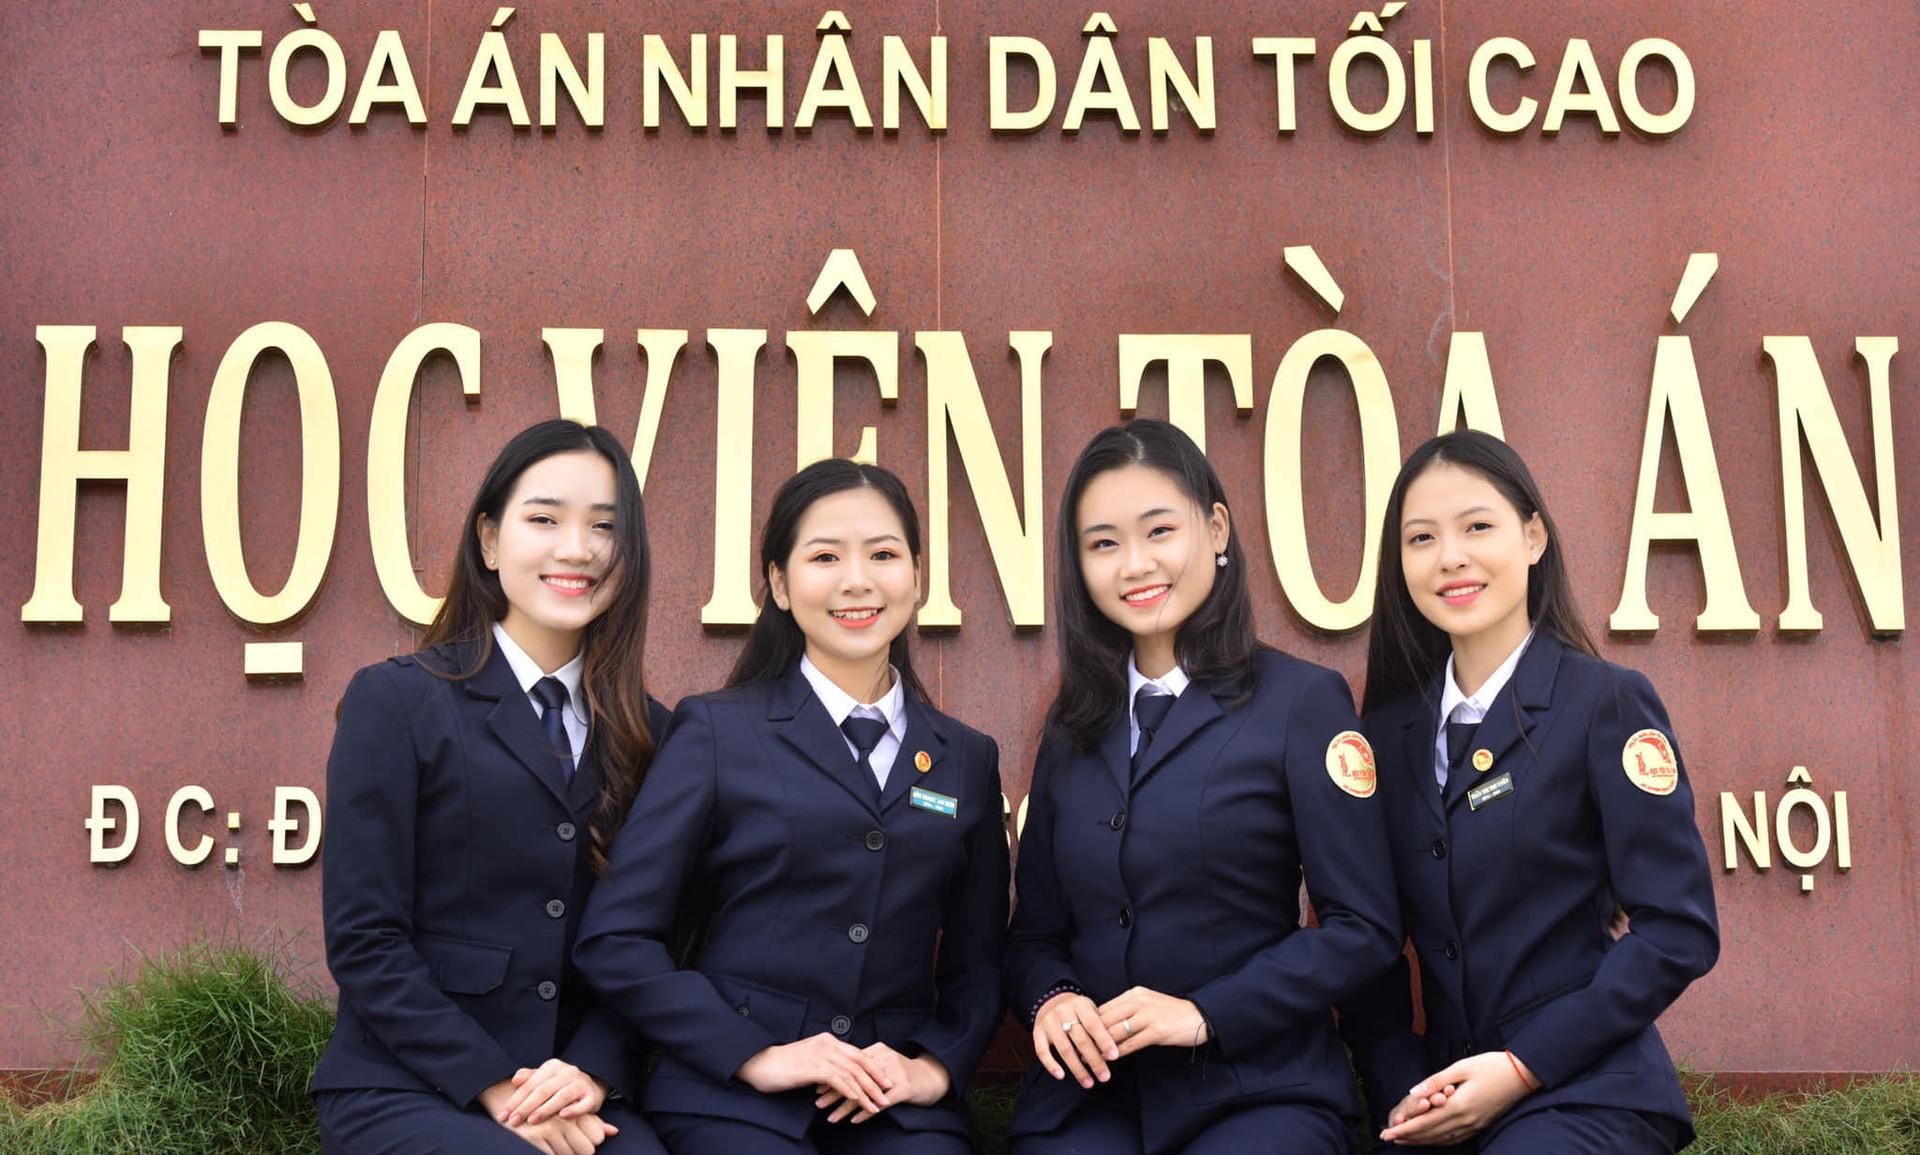 Học viện Tòa án tuyển sinh 360 chỉ tiêu trong năm 2019